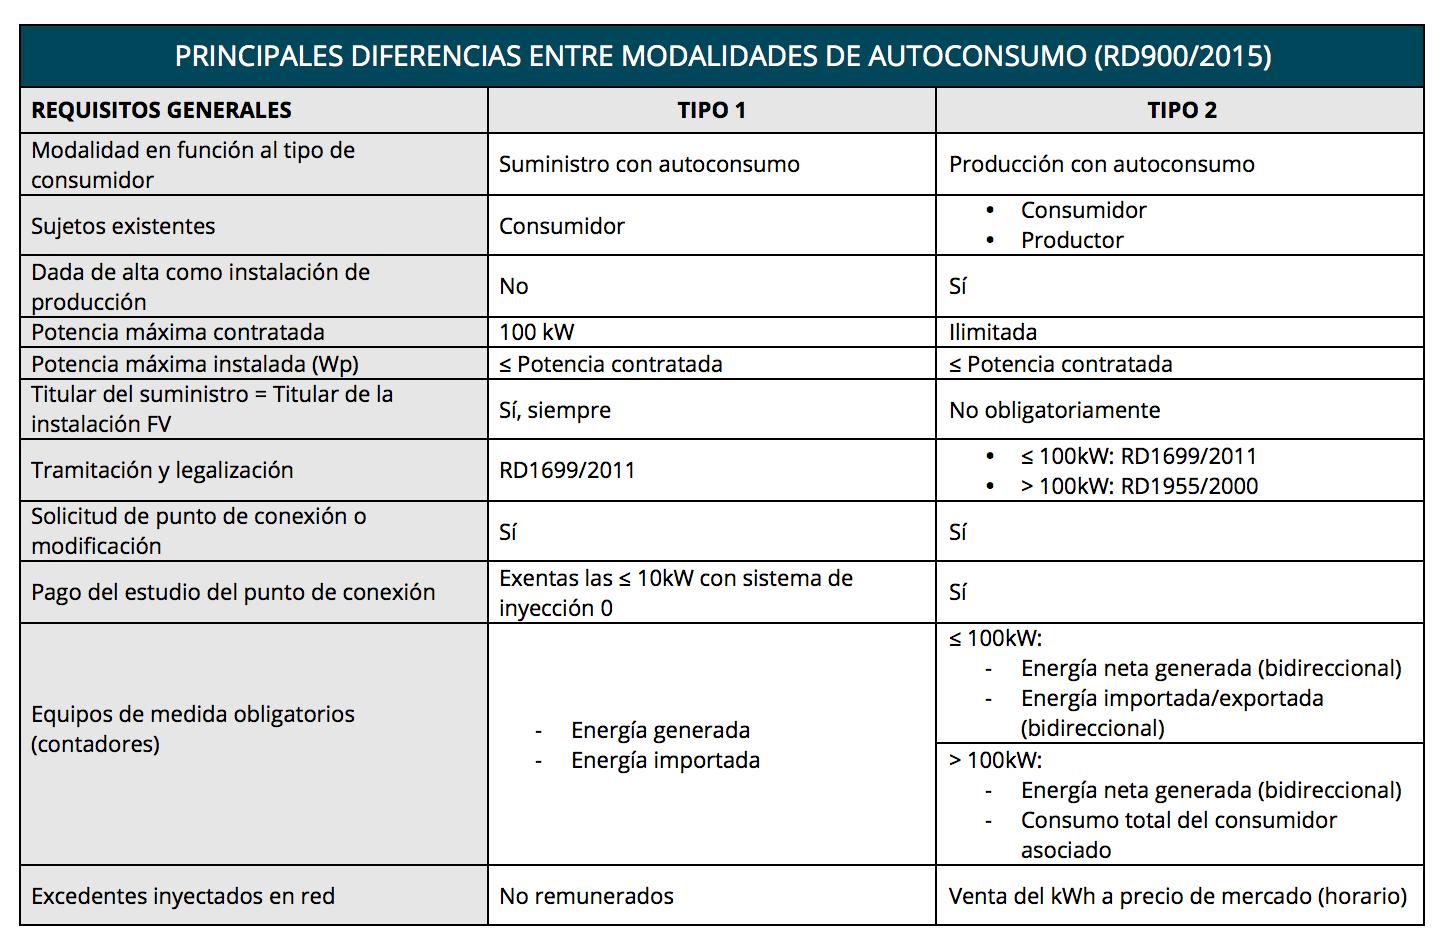 tabla autoconsumo tipo1 y tipo 2